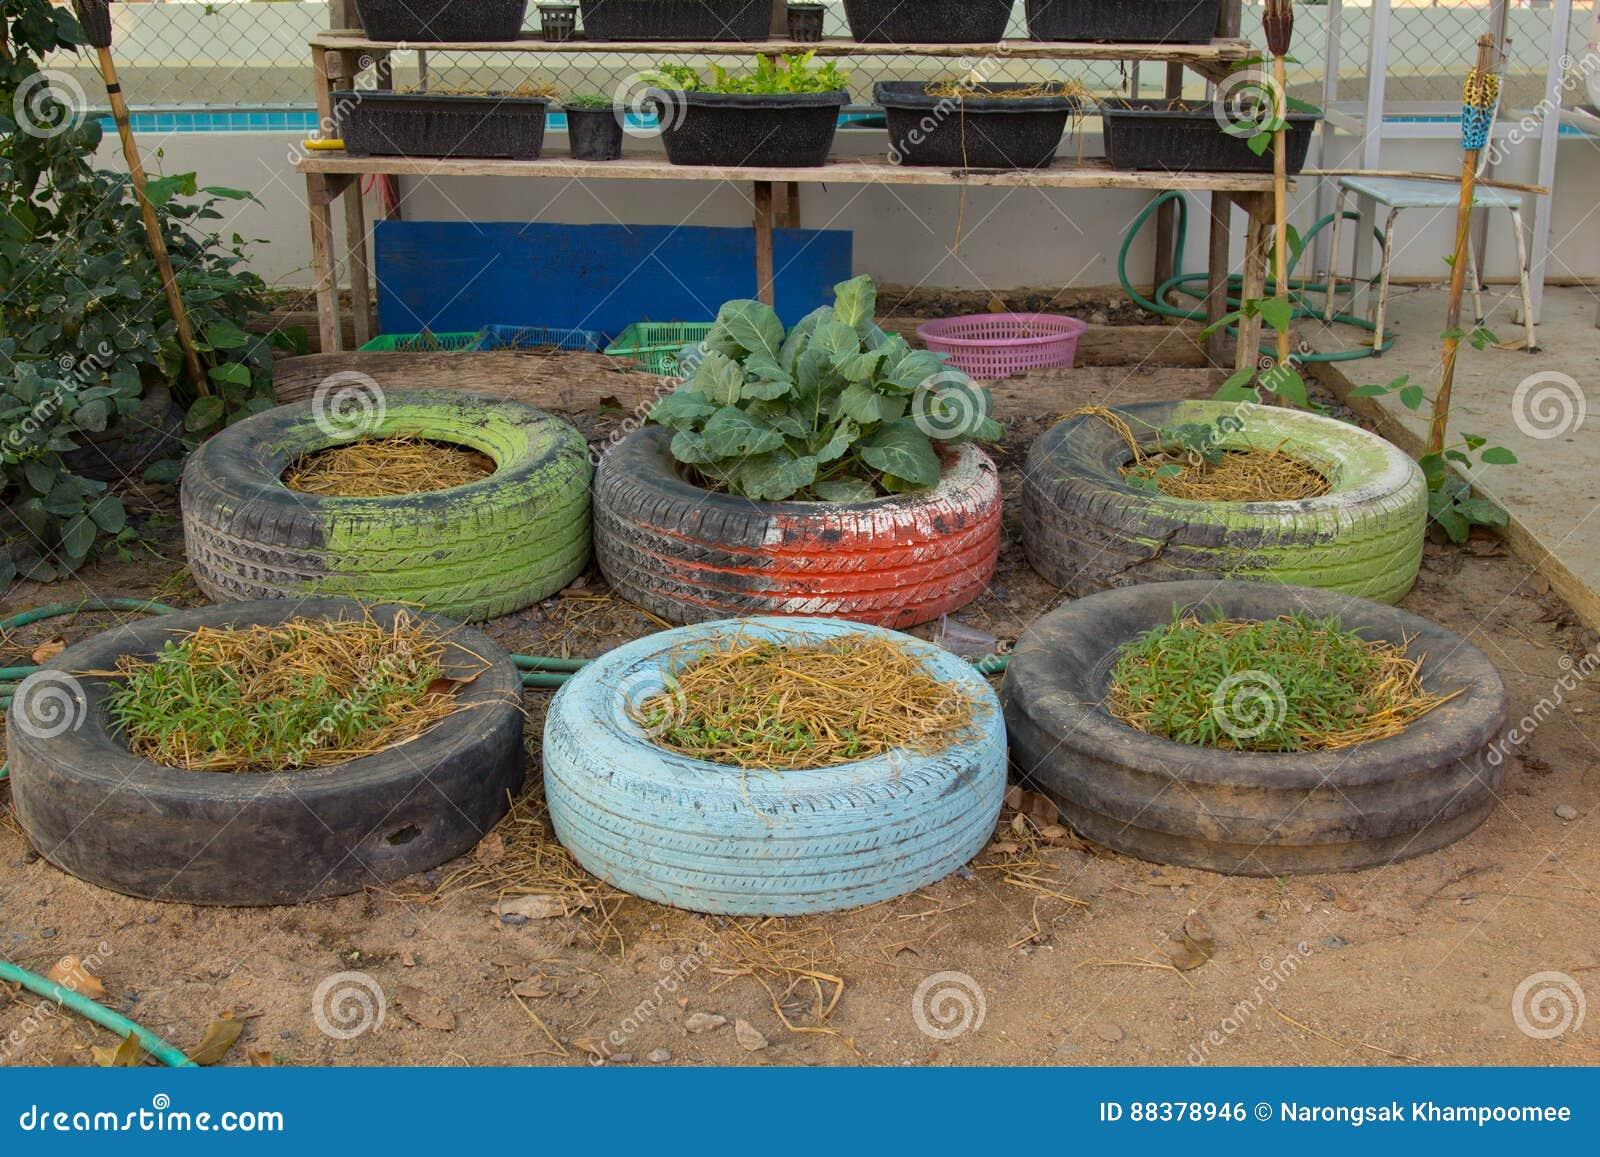 DIY-idee die van band te recycleren met bloemen of installatie in oud rubber wordt gebruikt